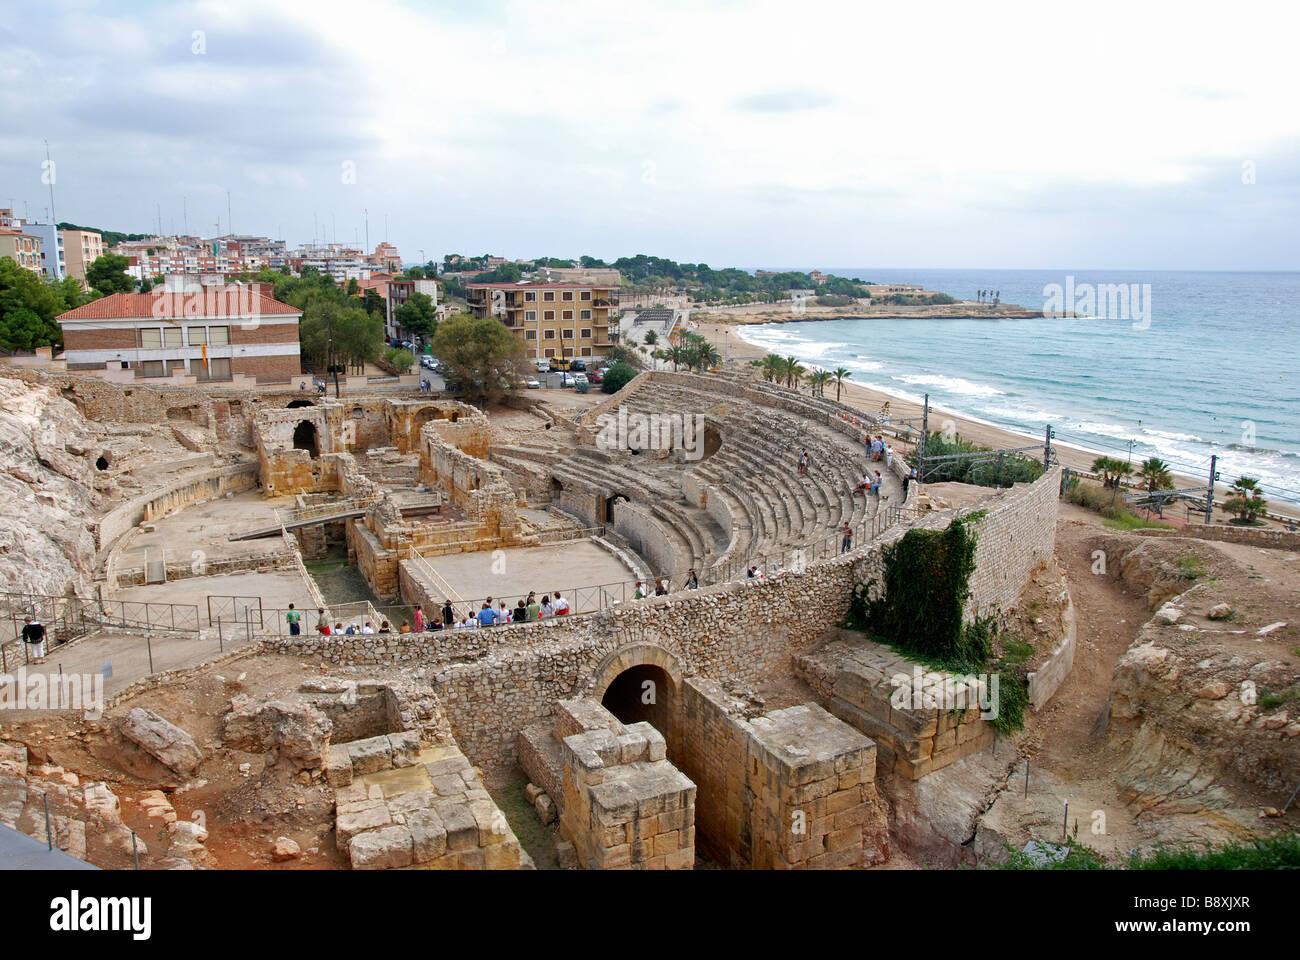 die Ruinen eines römischen Amphitheaters in Tarragona, Katalonien, Spanien Stockbild